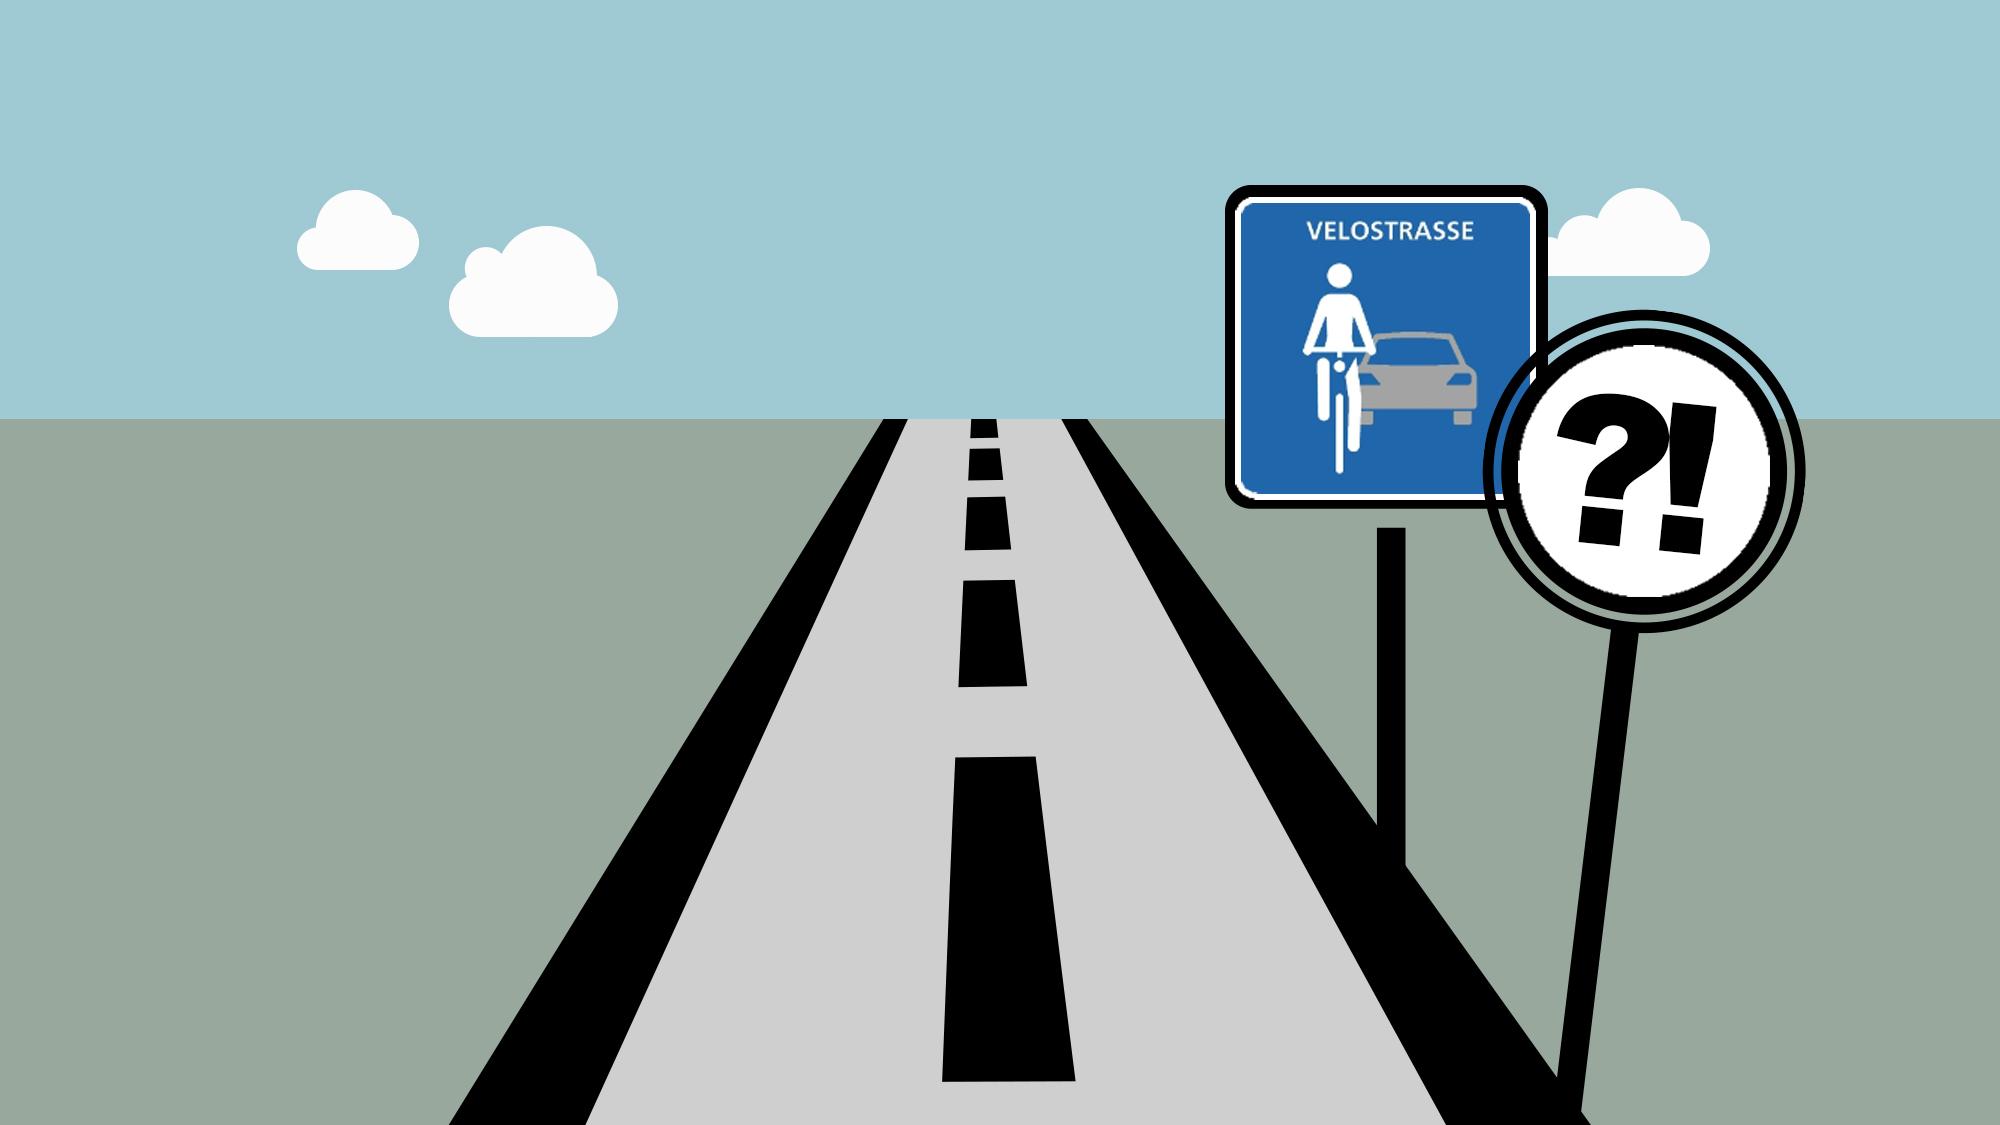 Das offizielle Velostrassenschild verspricht viel für Velofahrer. Aber was?